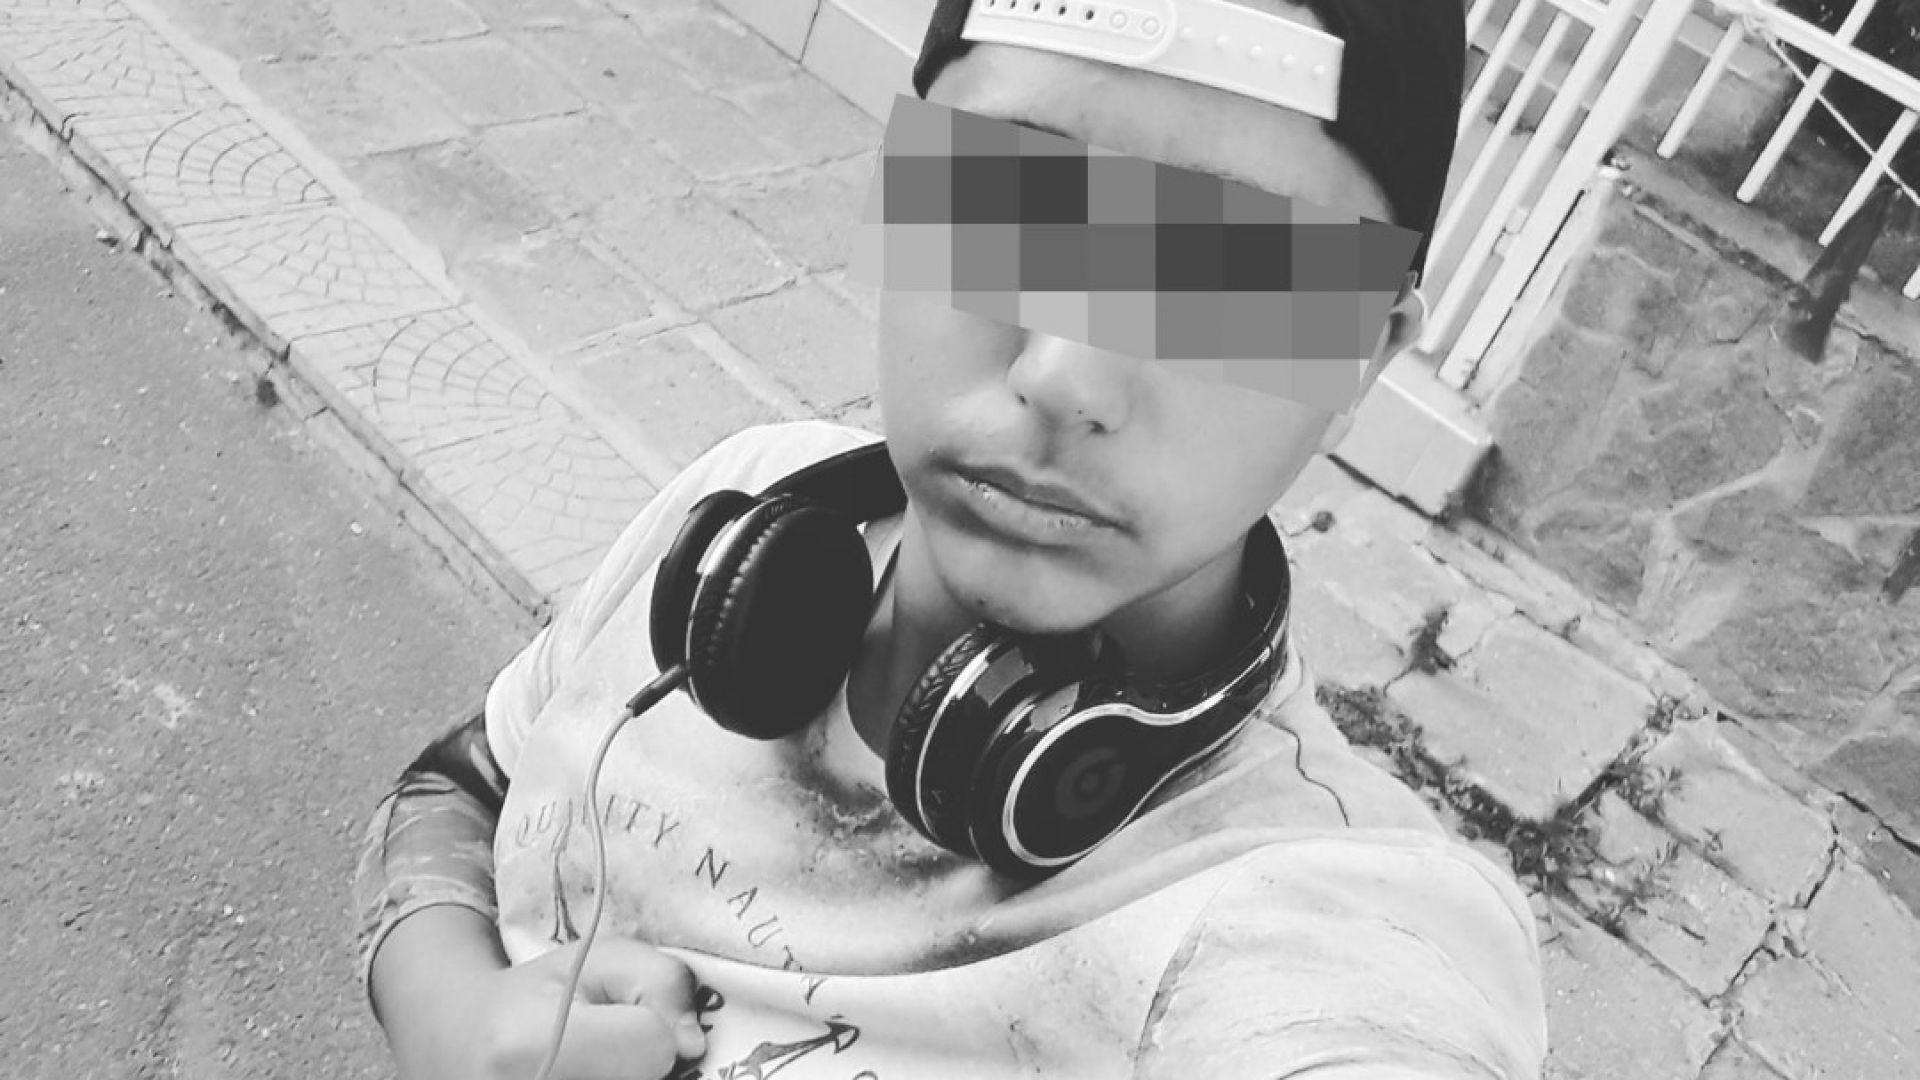 15-годишният Даниал, намушкал връстник, обвинен и в килия